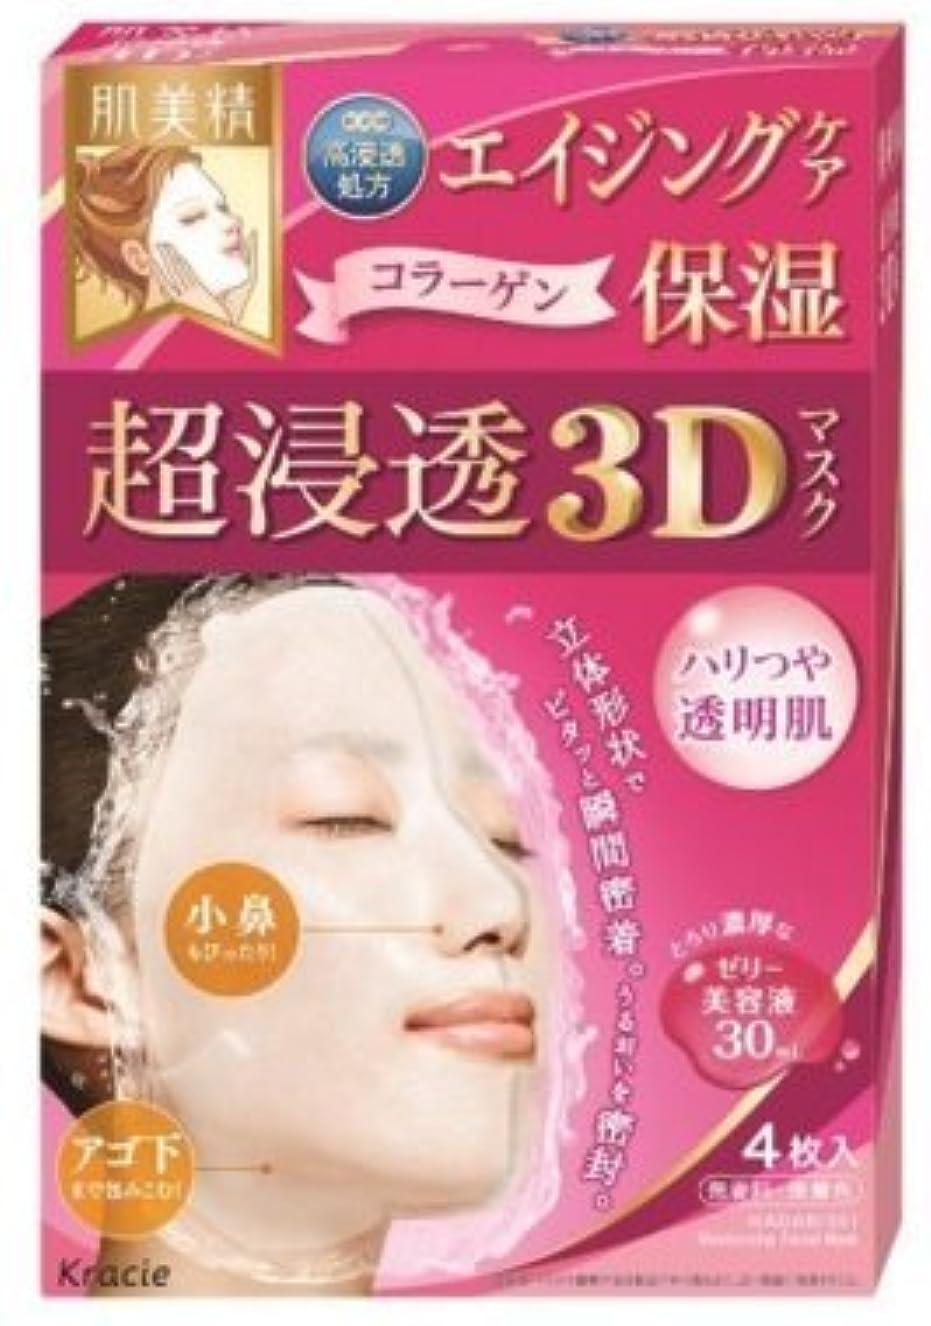 リンク争い泣き叫ぶ肌美精 超浸透3Dマスク (エイジング保湿) 4枚×3個セット